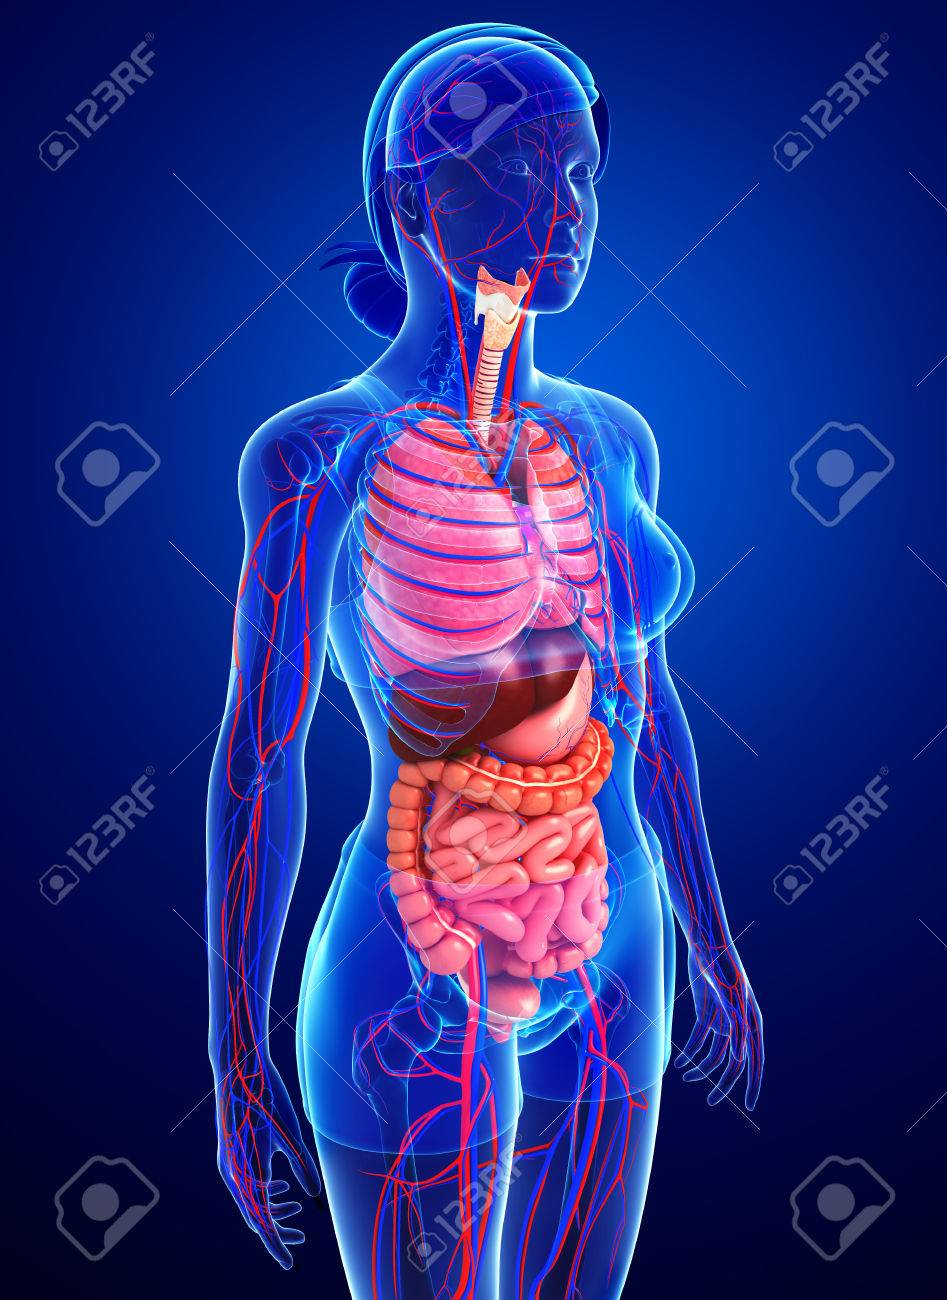 Ausgezeichnet Menschliche Anatomie Verdauungs Ideen - Menschliche ...